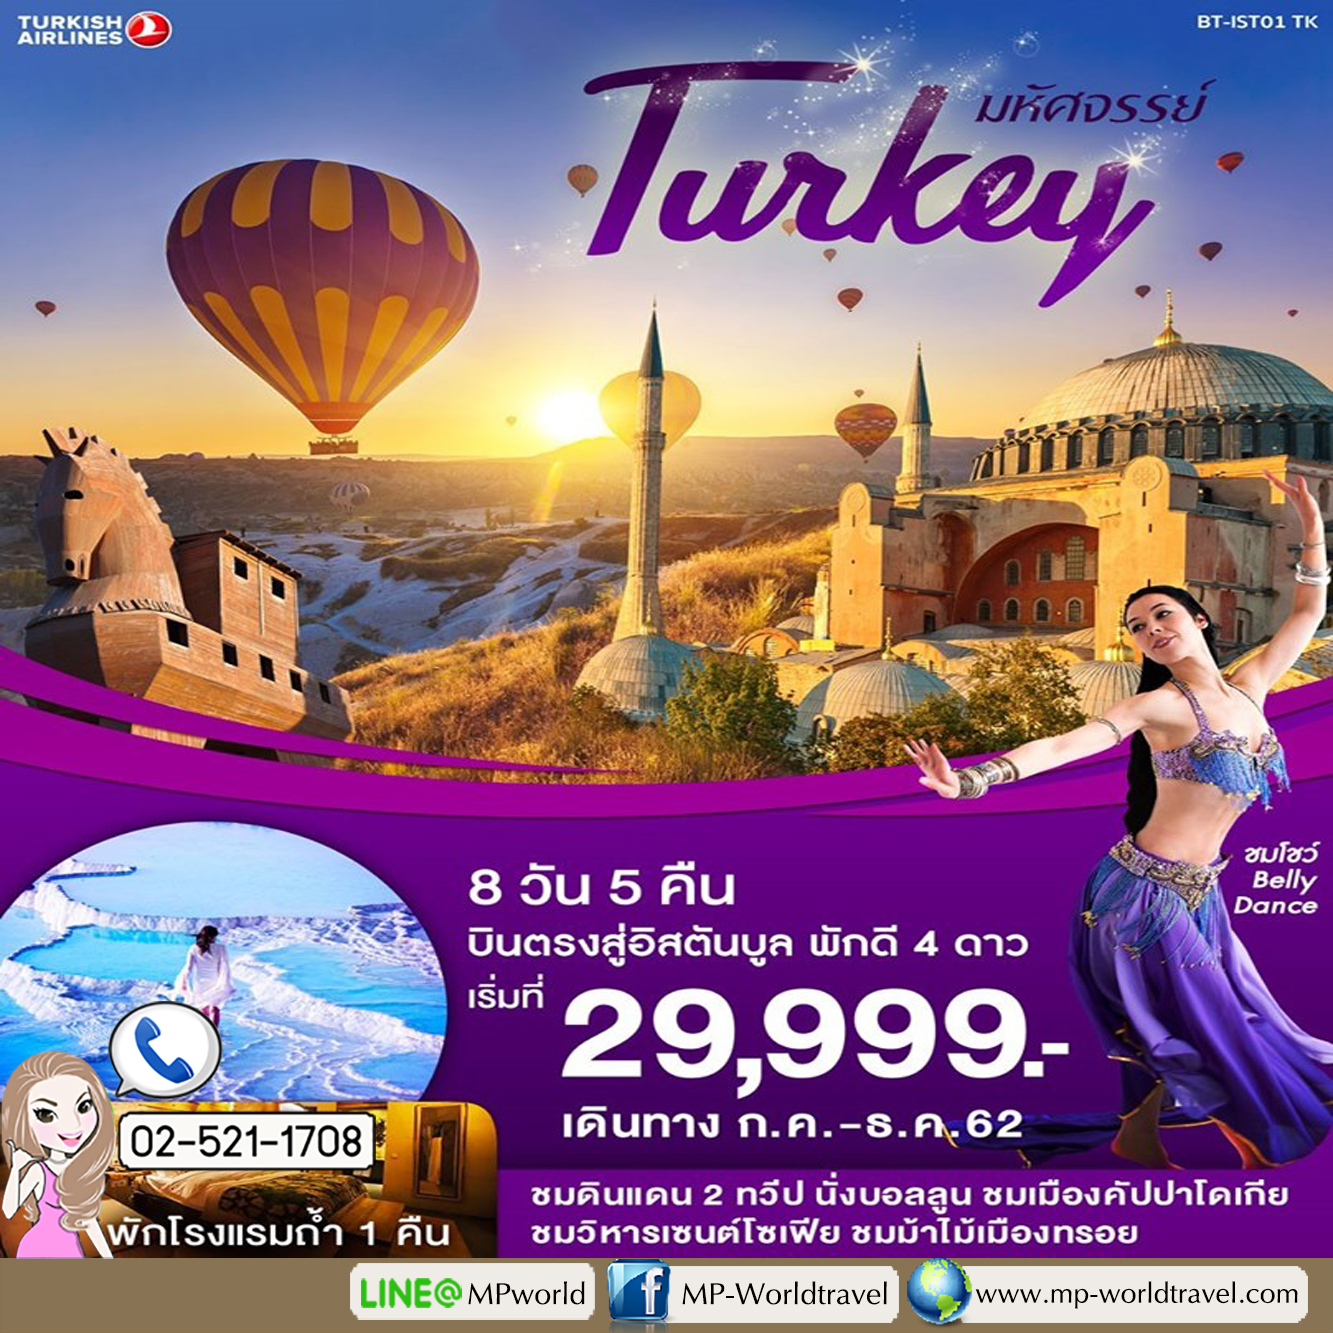 ทัวร์ตุรกี มหัศจรรย์ Turkey บินตรงสู่อิสตันบลู 8 วัน 5 คืน